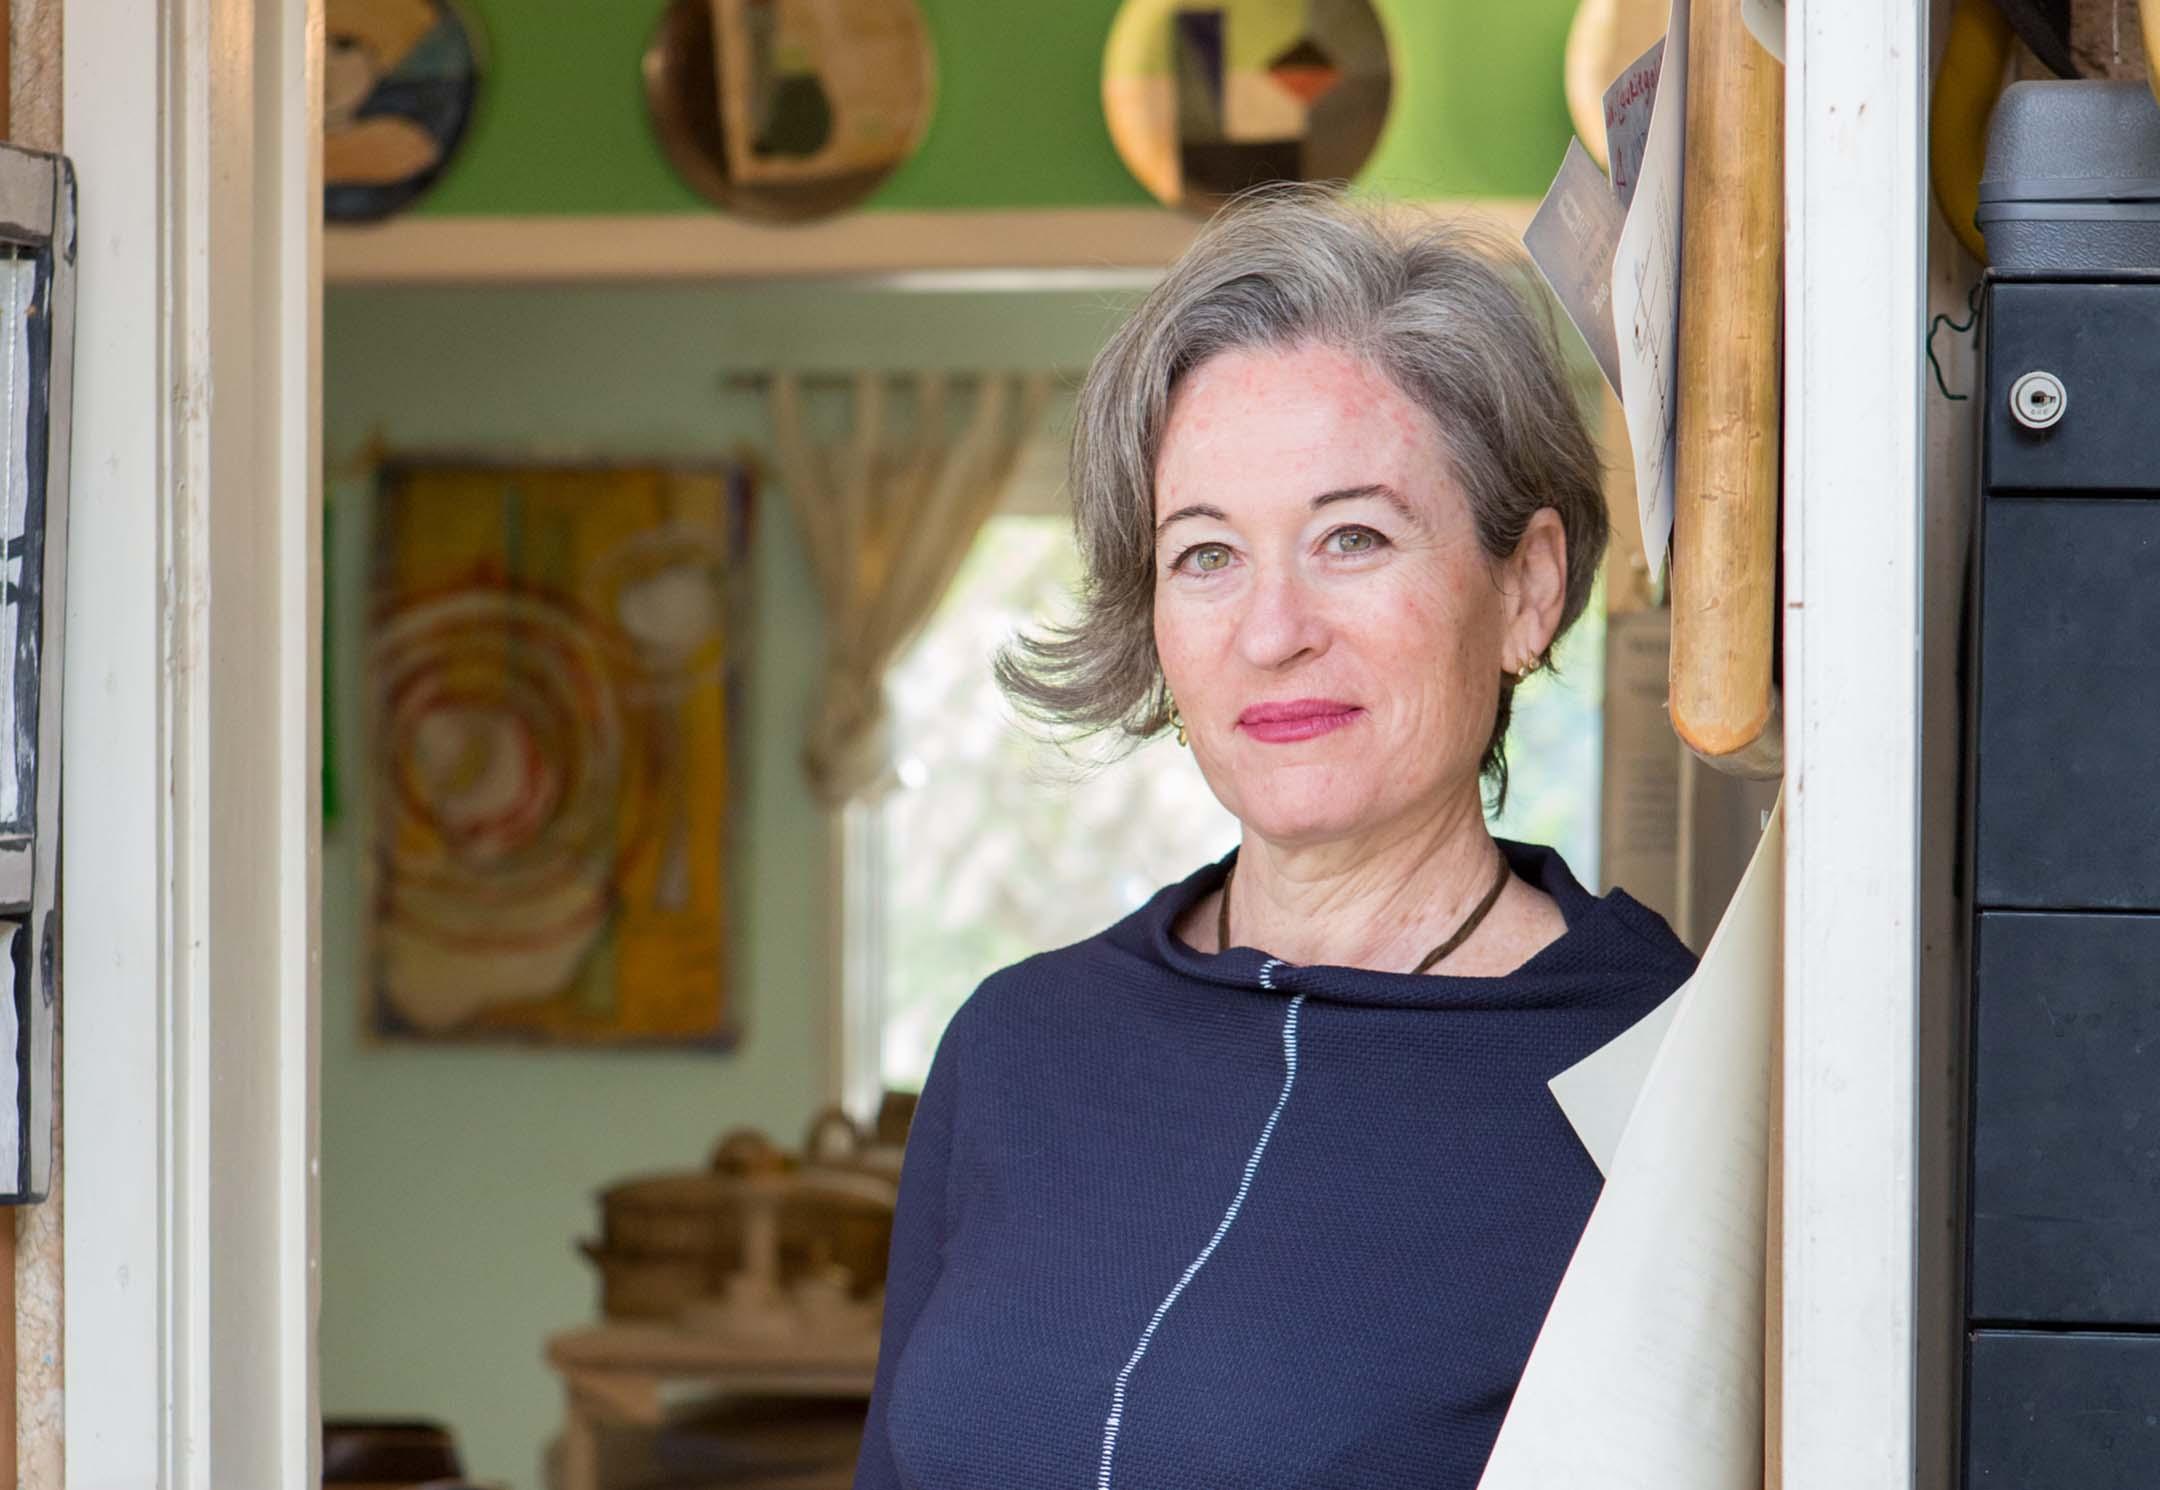 נעים להכיר: לורי גולדשטיין, www.pnim.co.il, צילום: אלונה להב